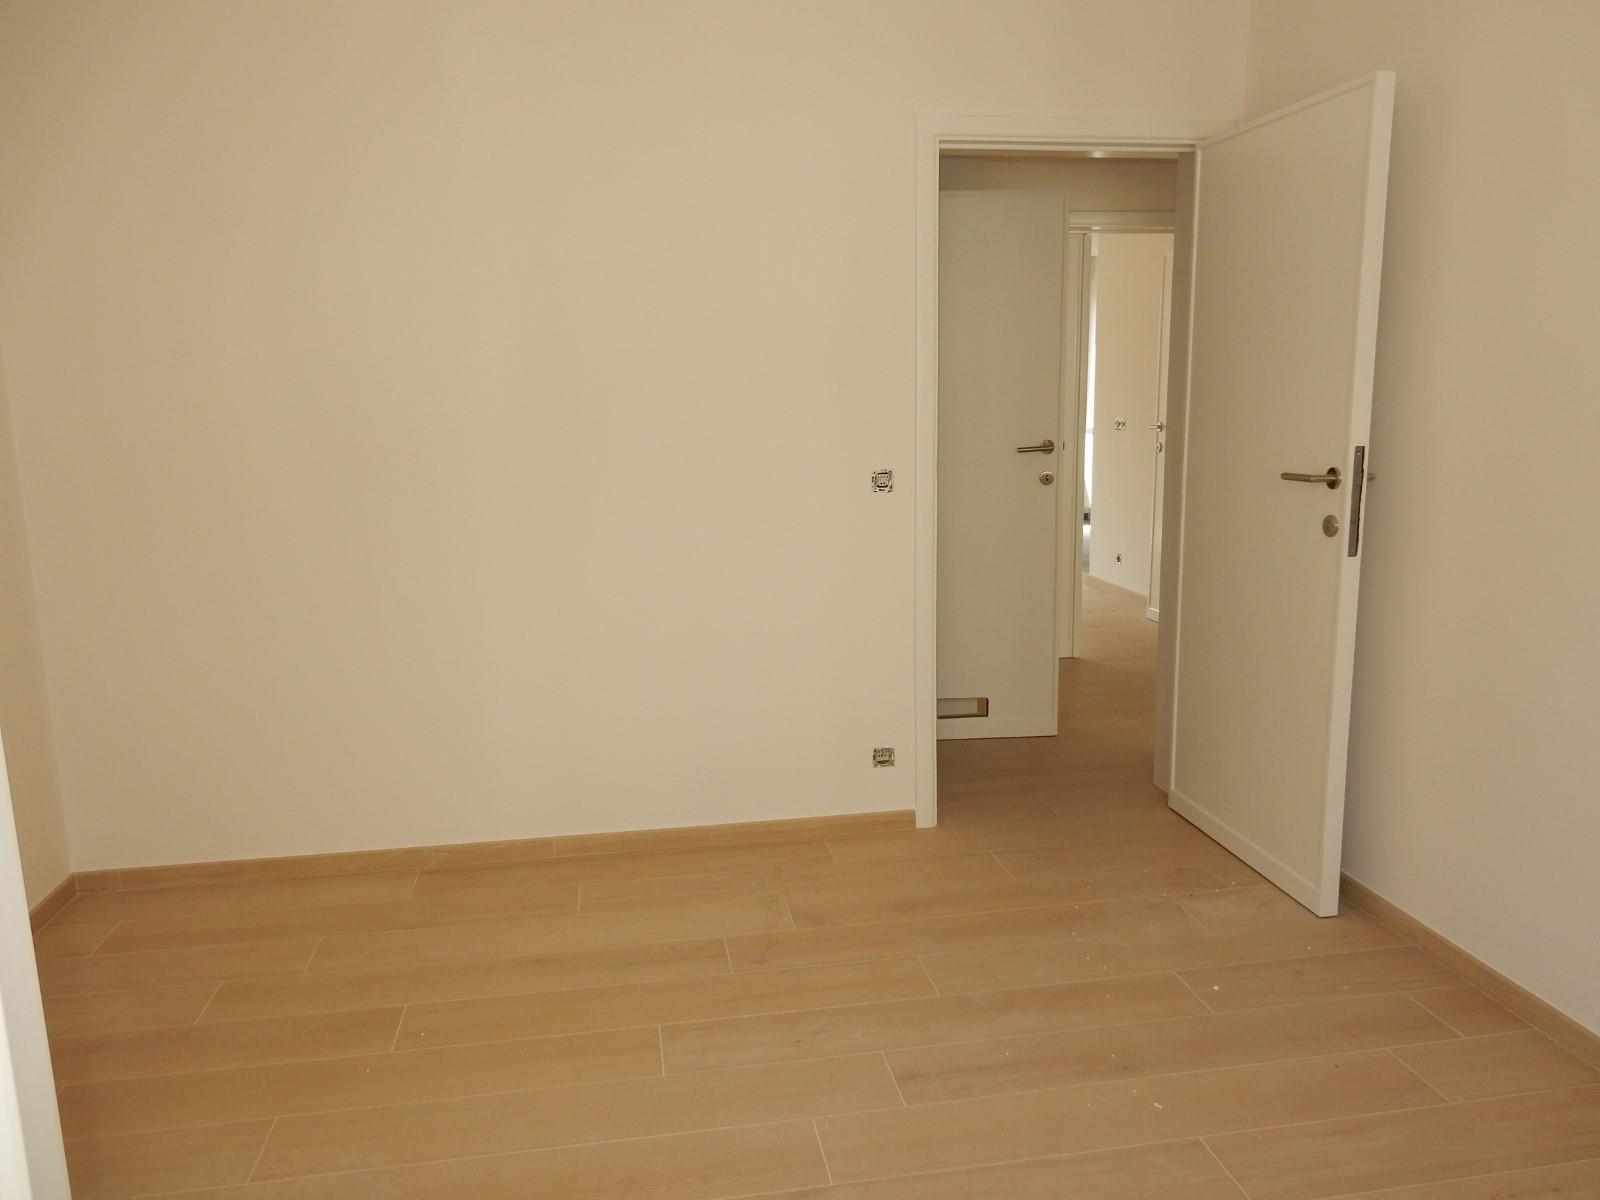 Appartement - Schaerbeek - #4137628-9